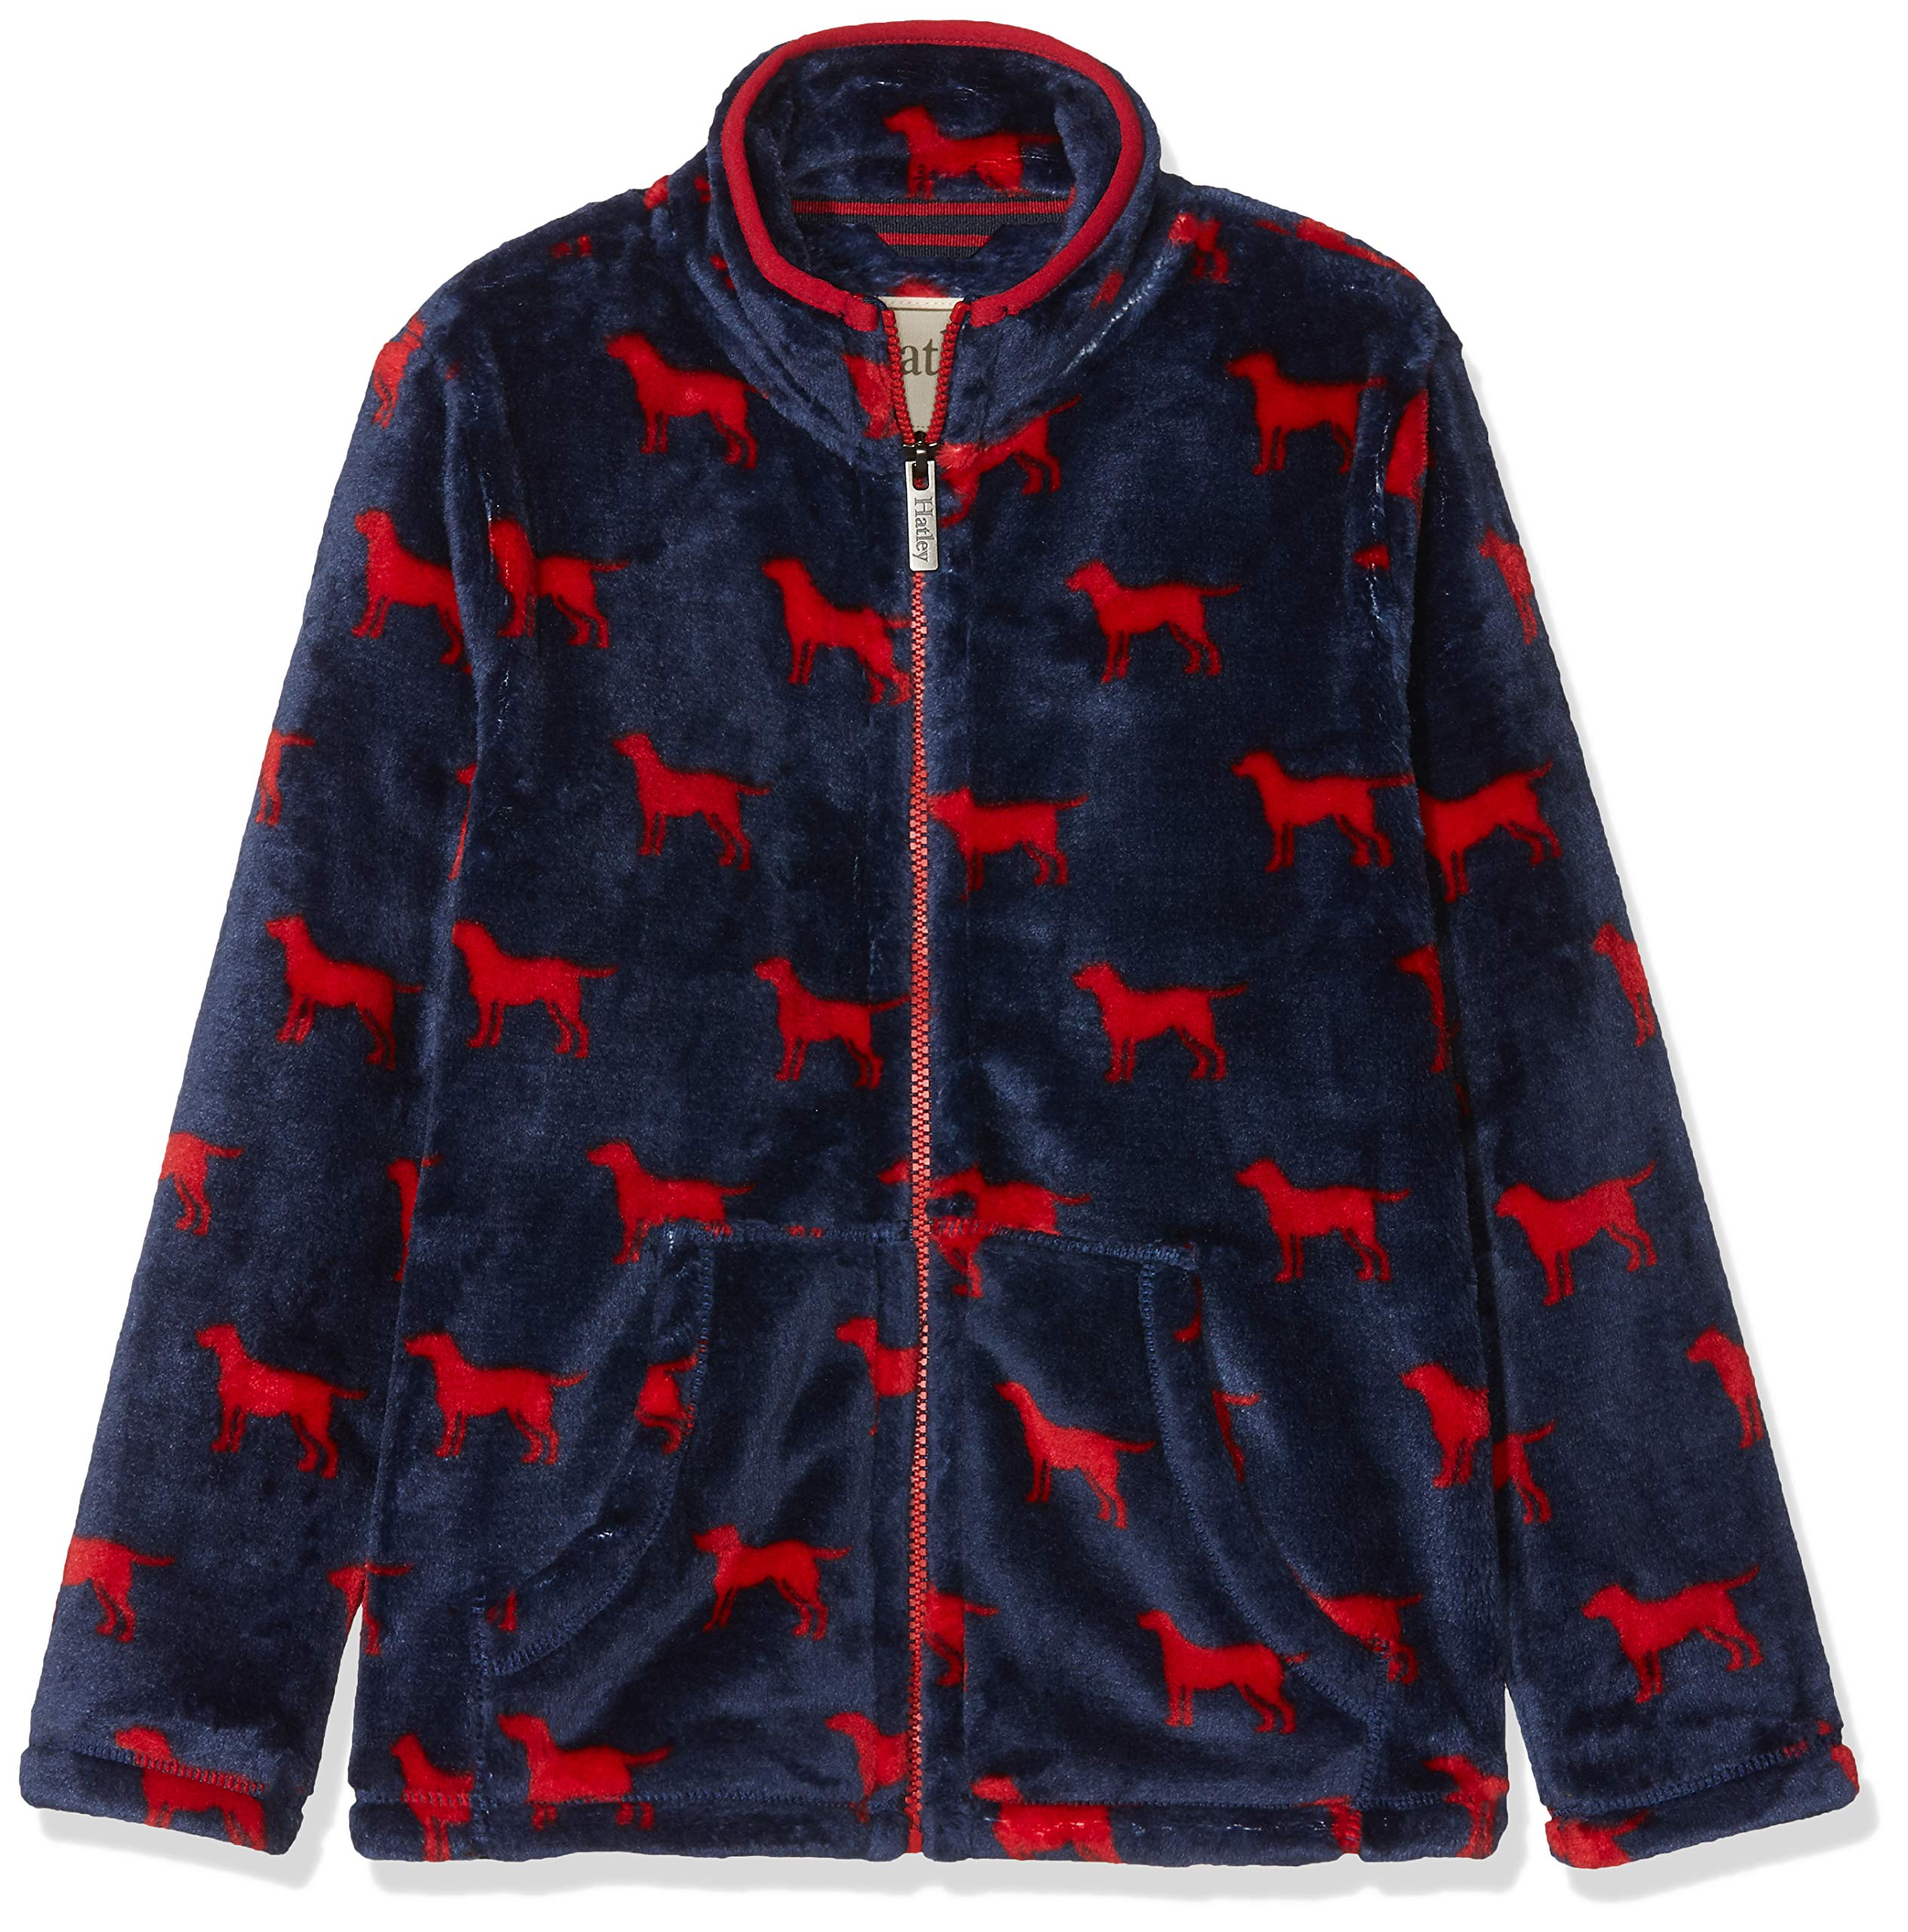 Hatley Boys' Little Fuzzy Fleece Full Zip Jackets, red Labs, 6 Years